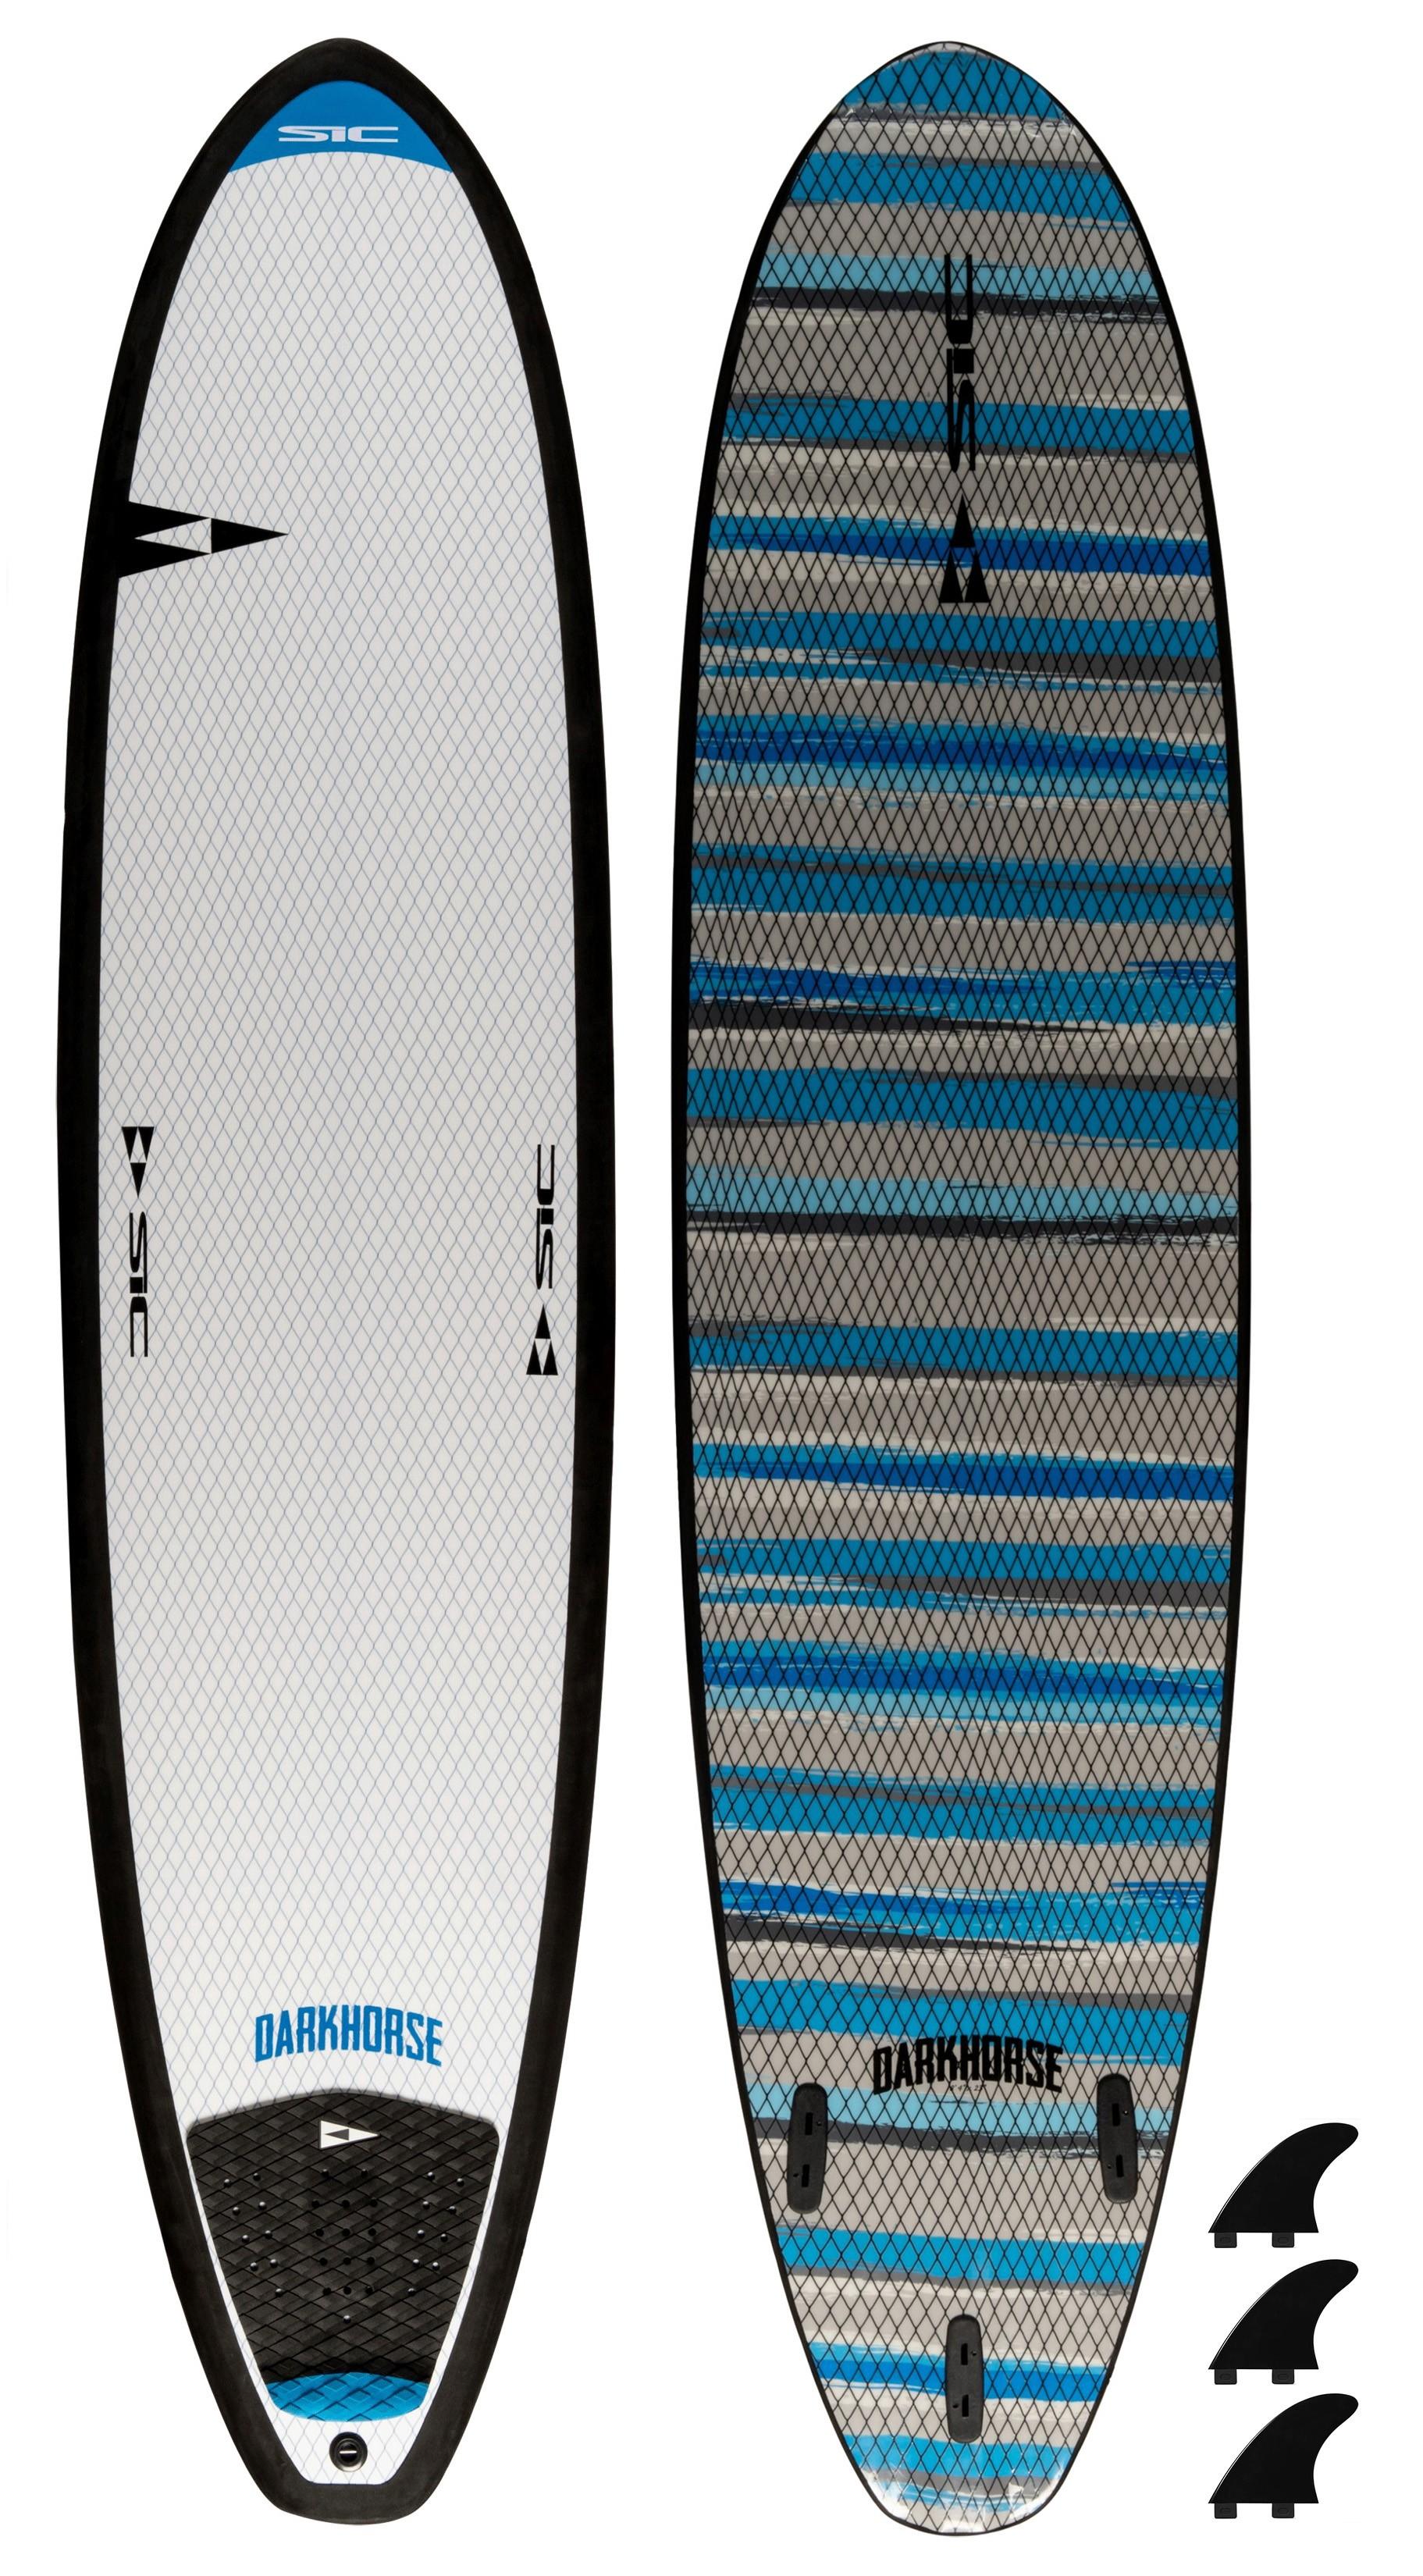 Planche de surf SIC 8.4 Darkhorse (Vortex)